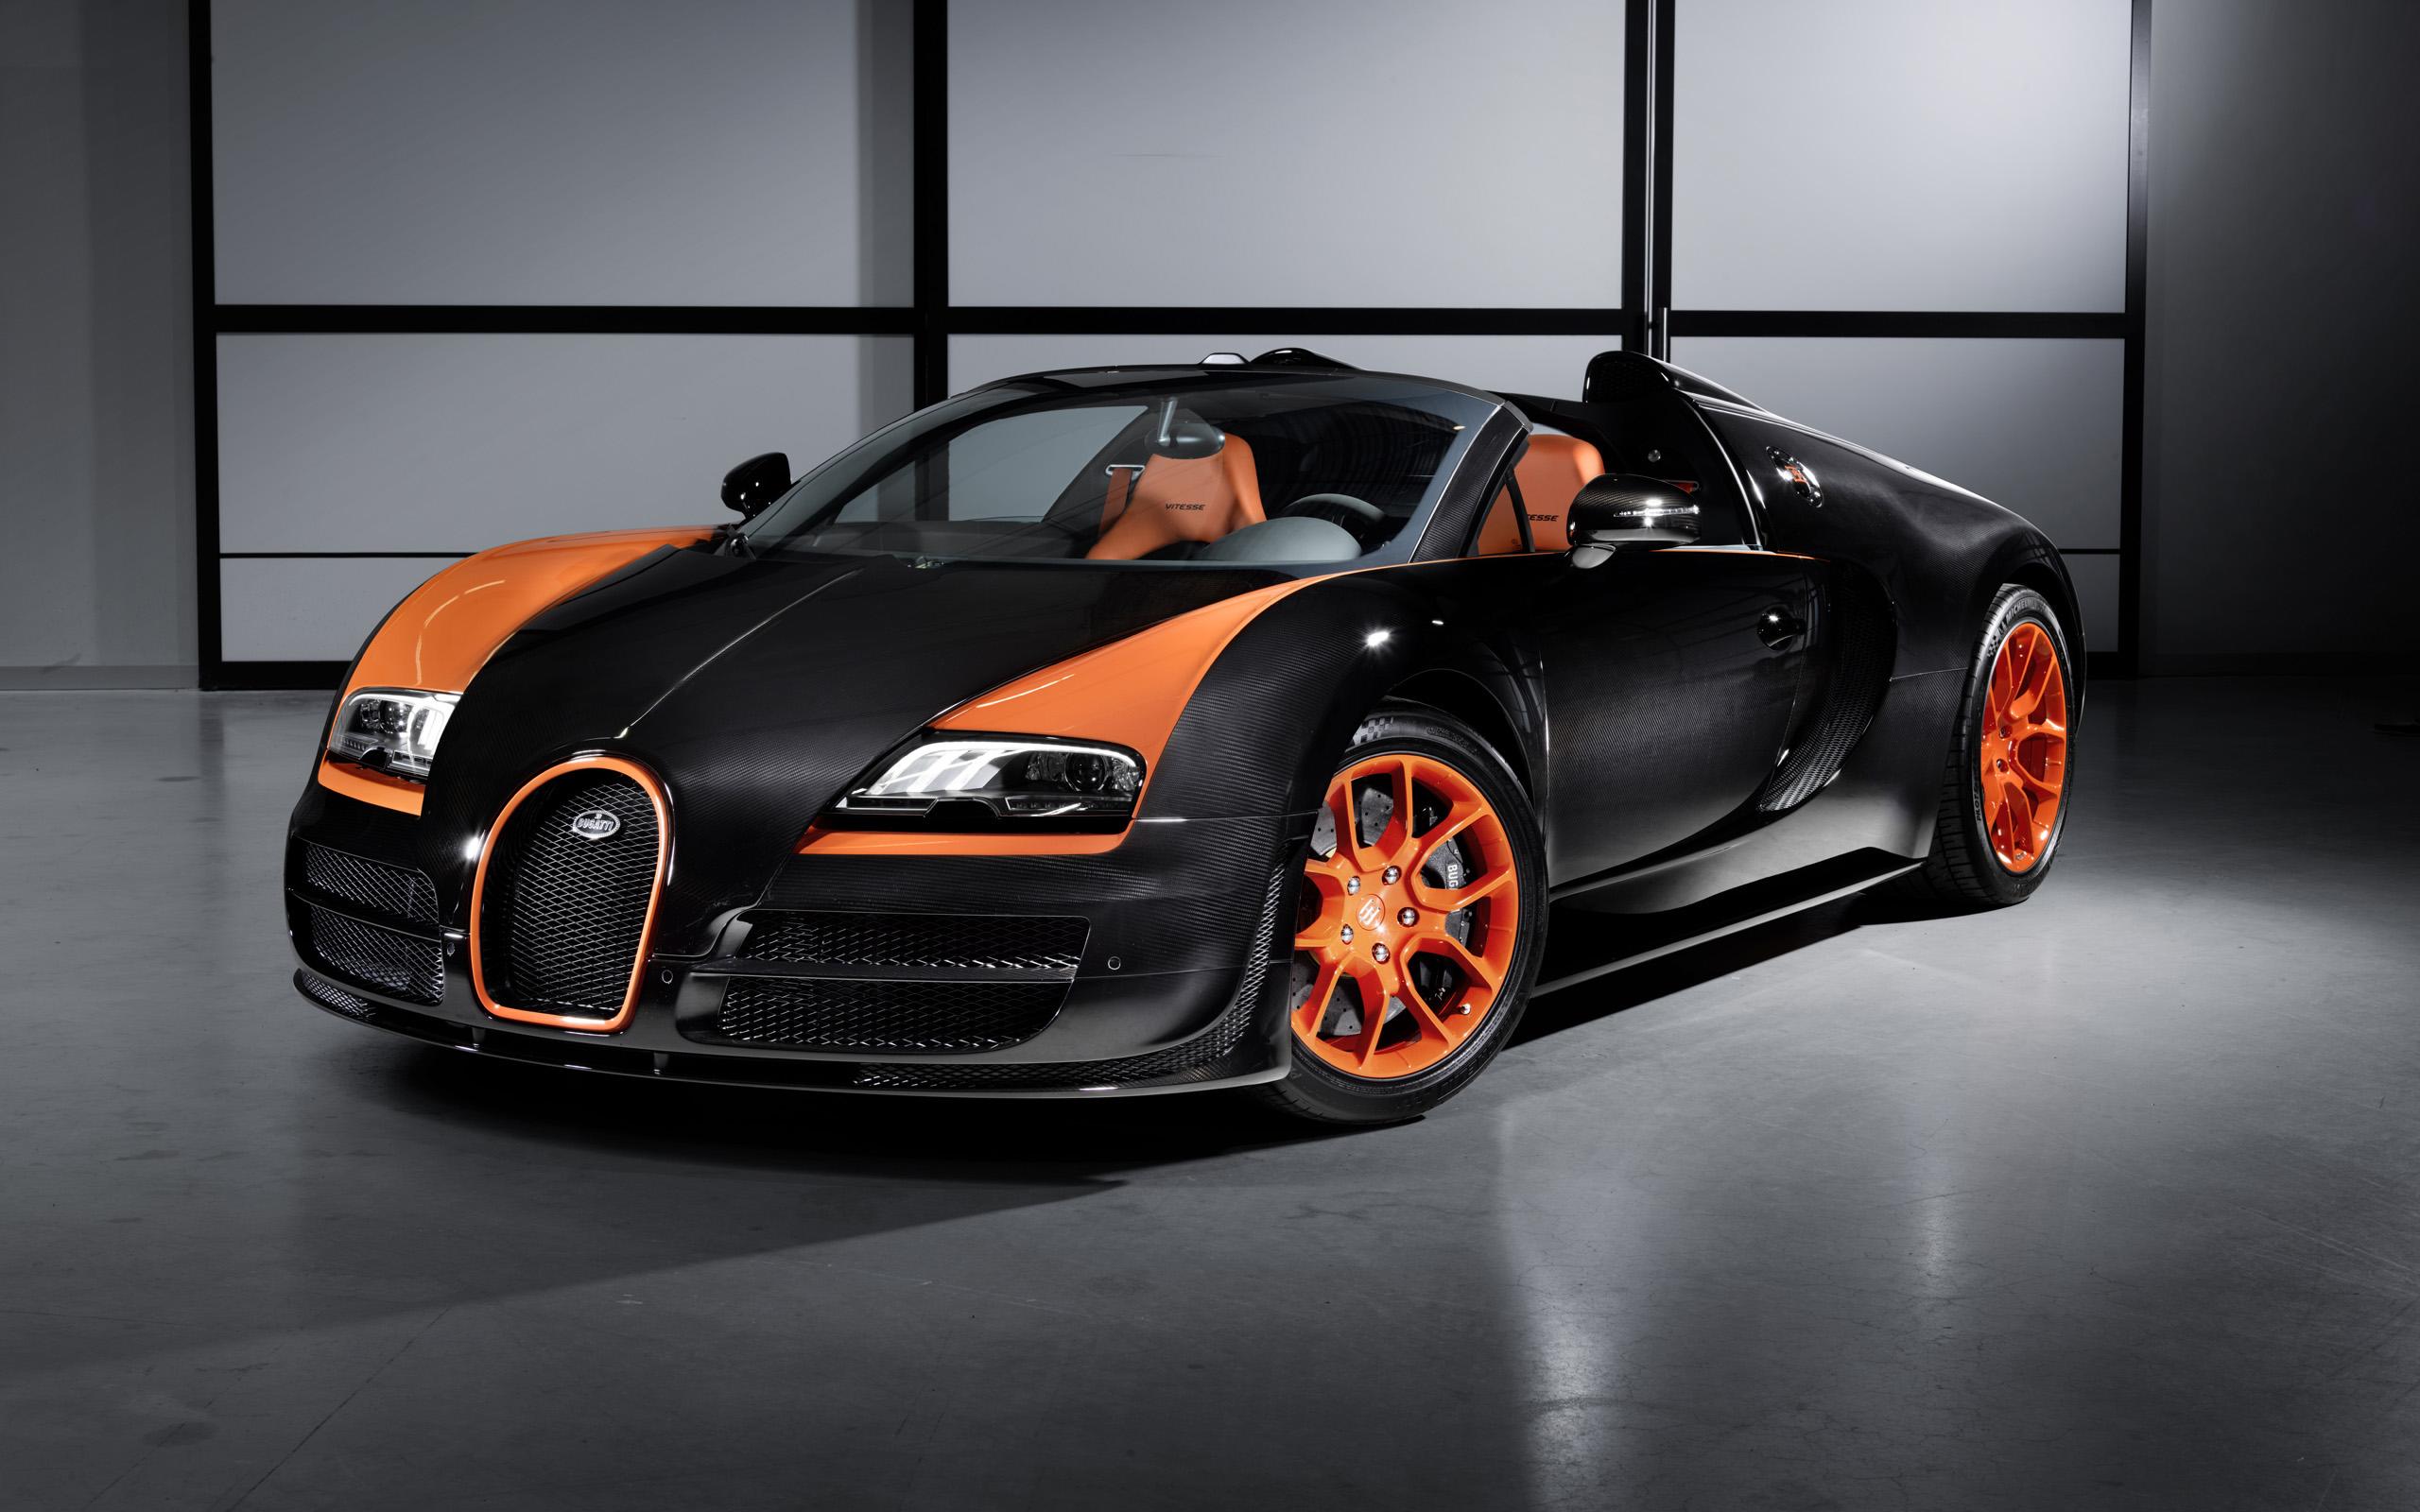 bugatti veyron wallpaper,land vehicle,vehicle,car,bugatti veyron,sports car